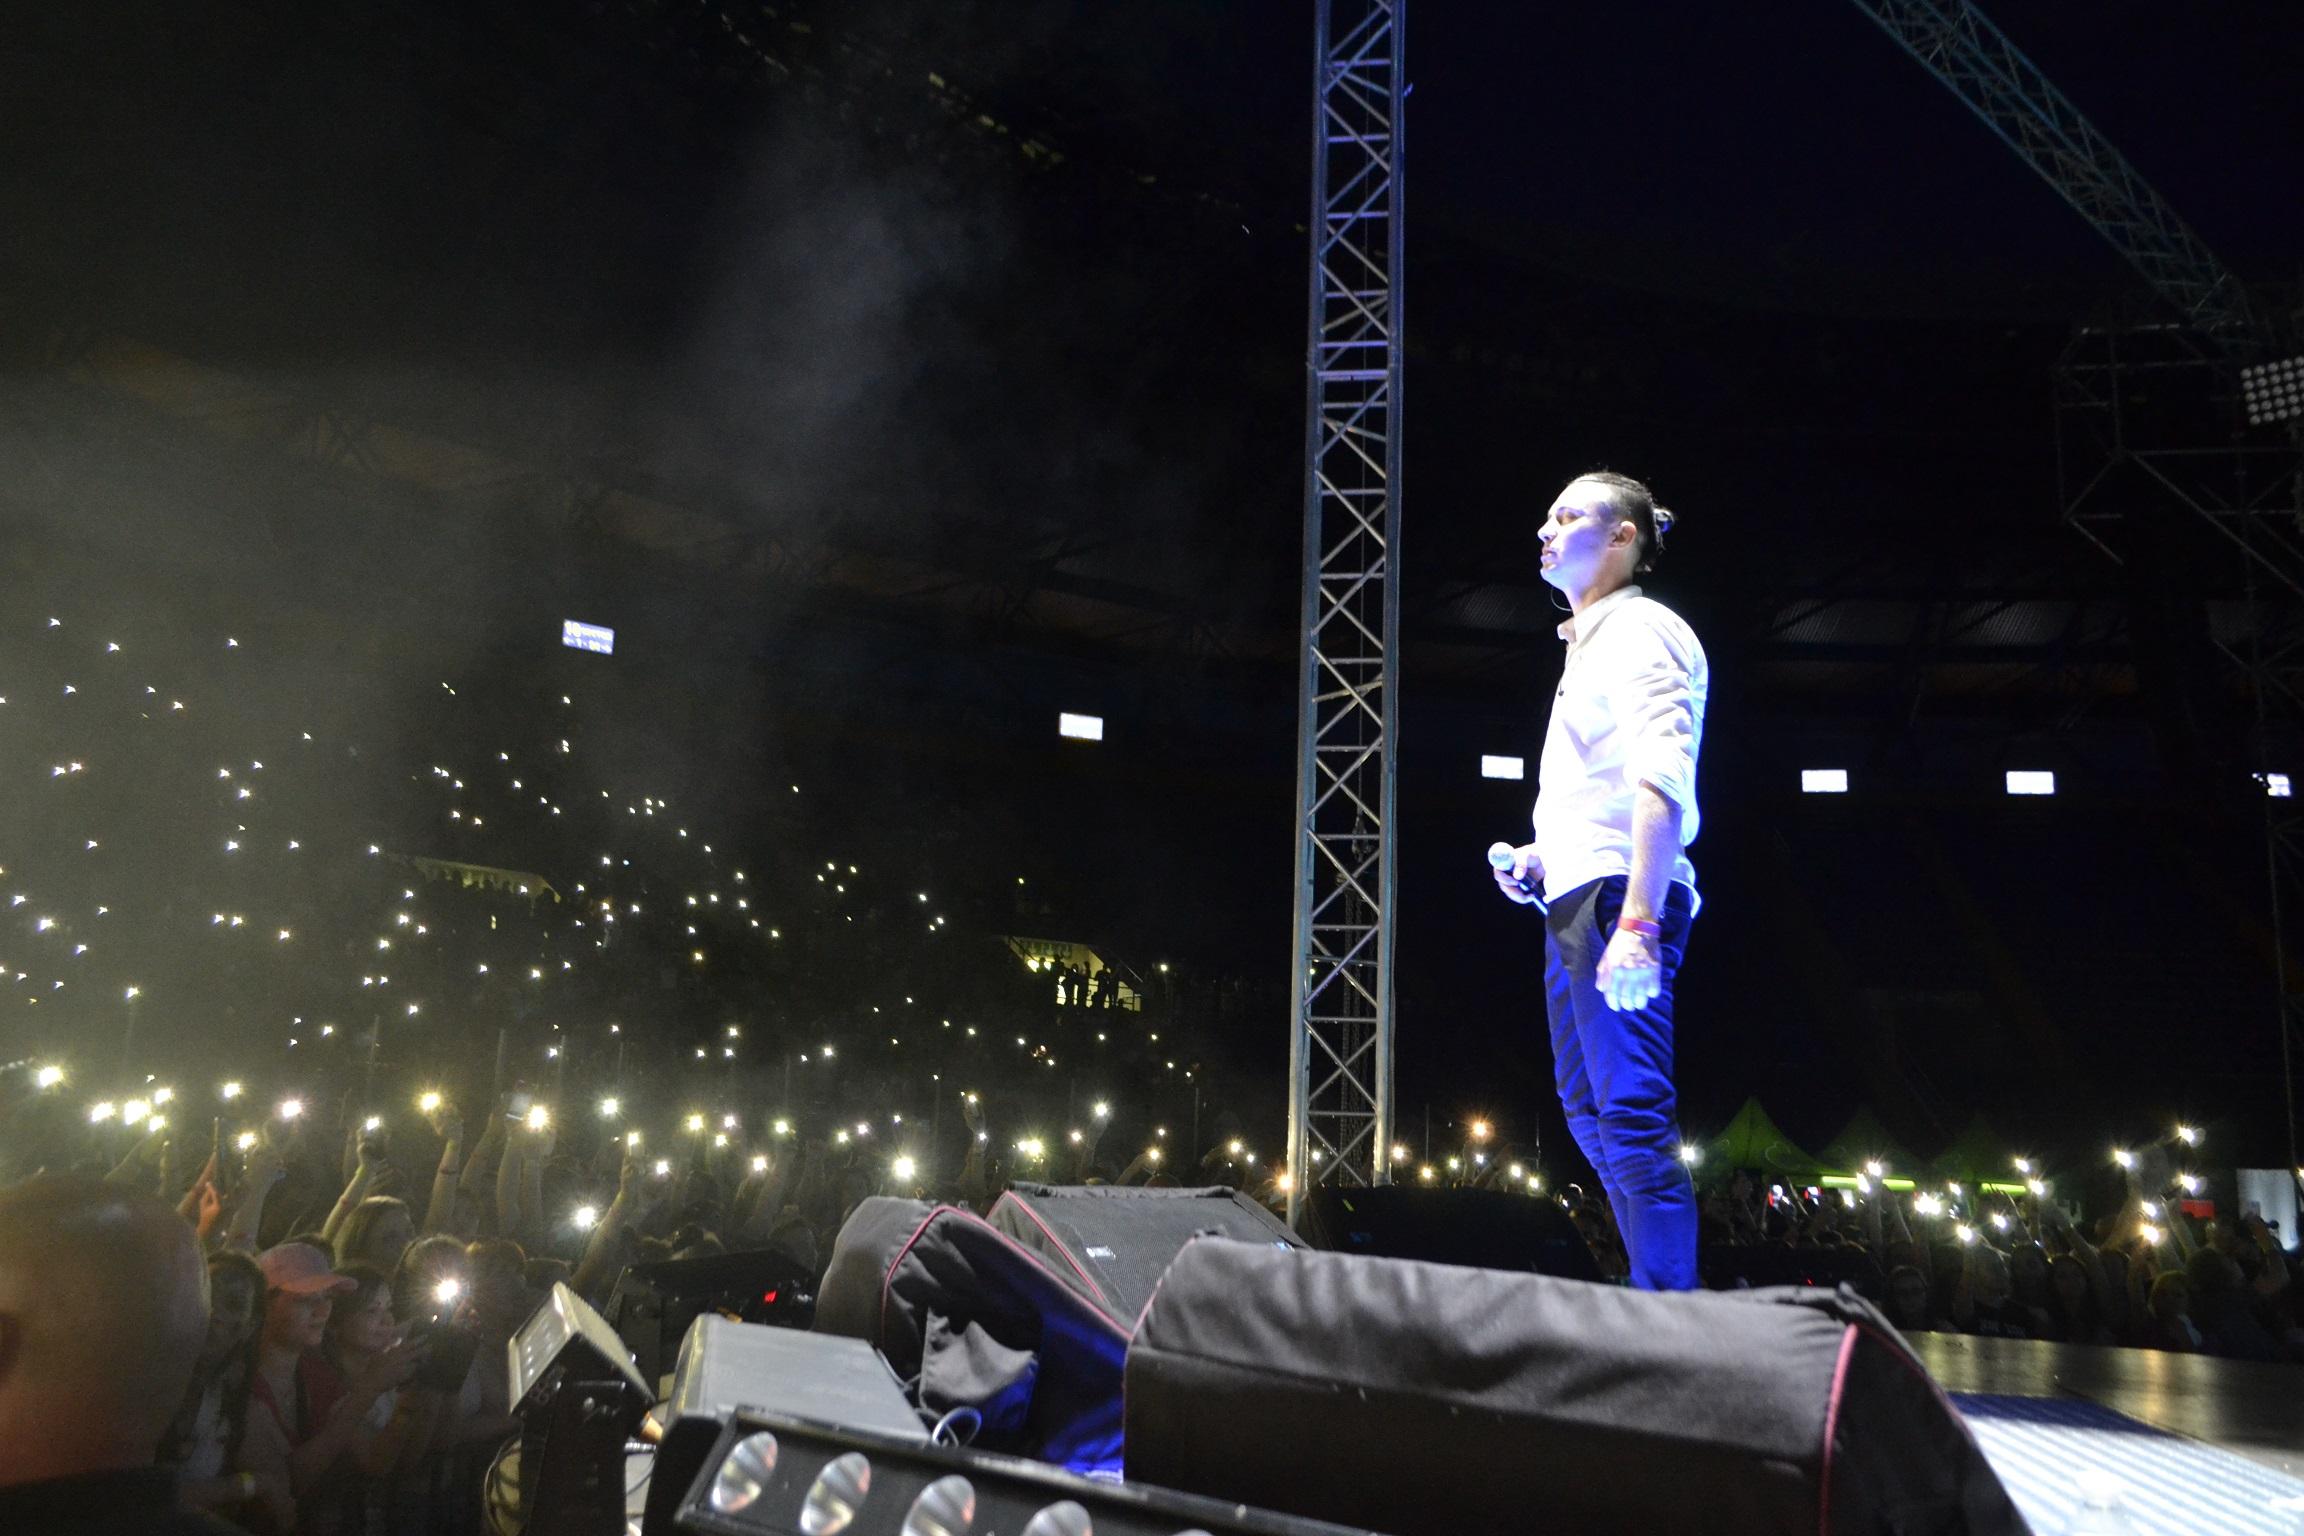 Минирование и скандал с билетами: Чем запомнились концерты стадионного тура Hello группы Антитела